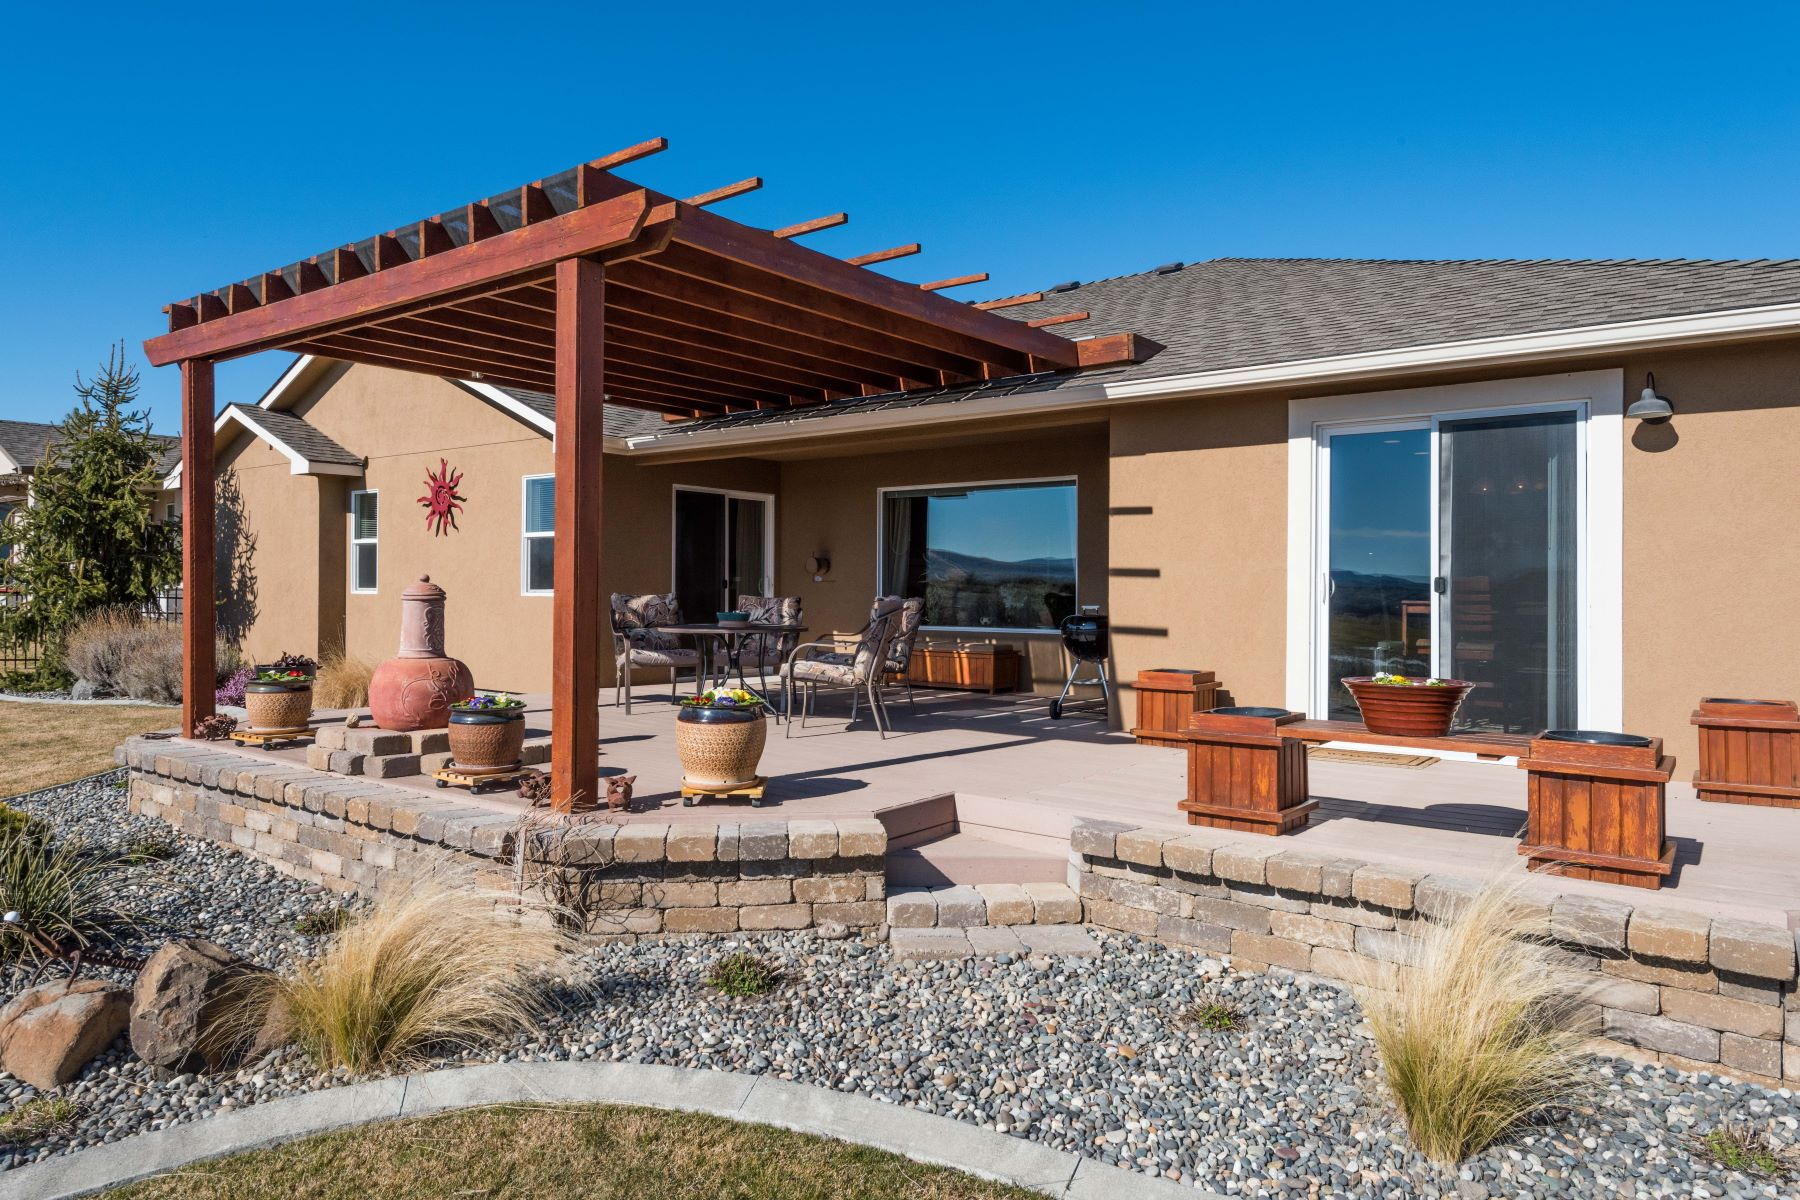 Частный односемейный дом для того Продажа на On 14th Green in Horn Rapids 2717 Stonecreek, Richland, Вашингтон, 99354 Соединенные Штаты